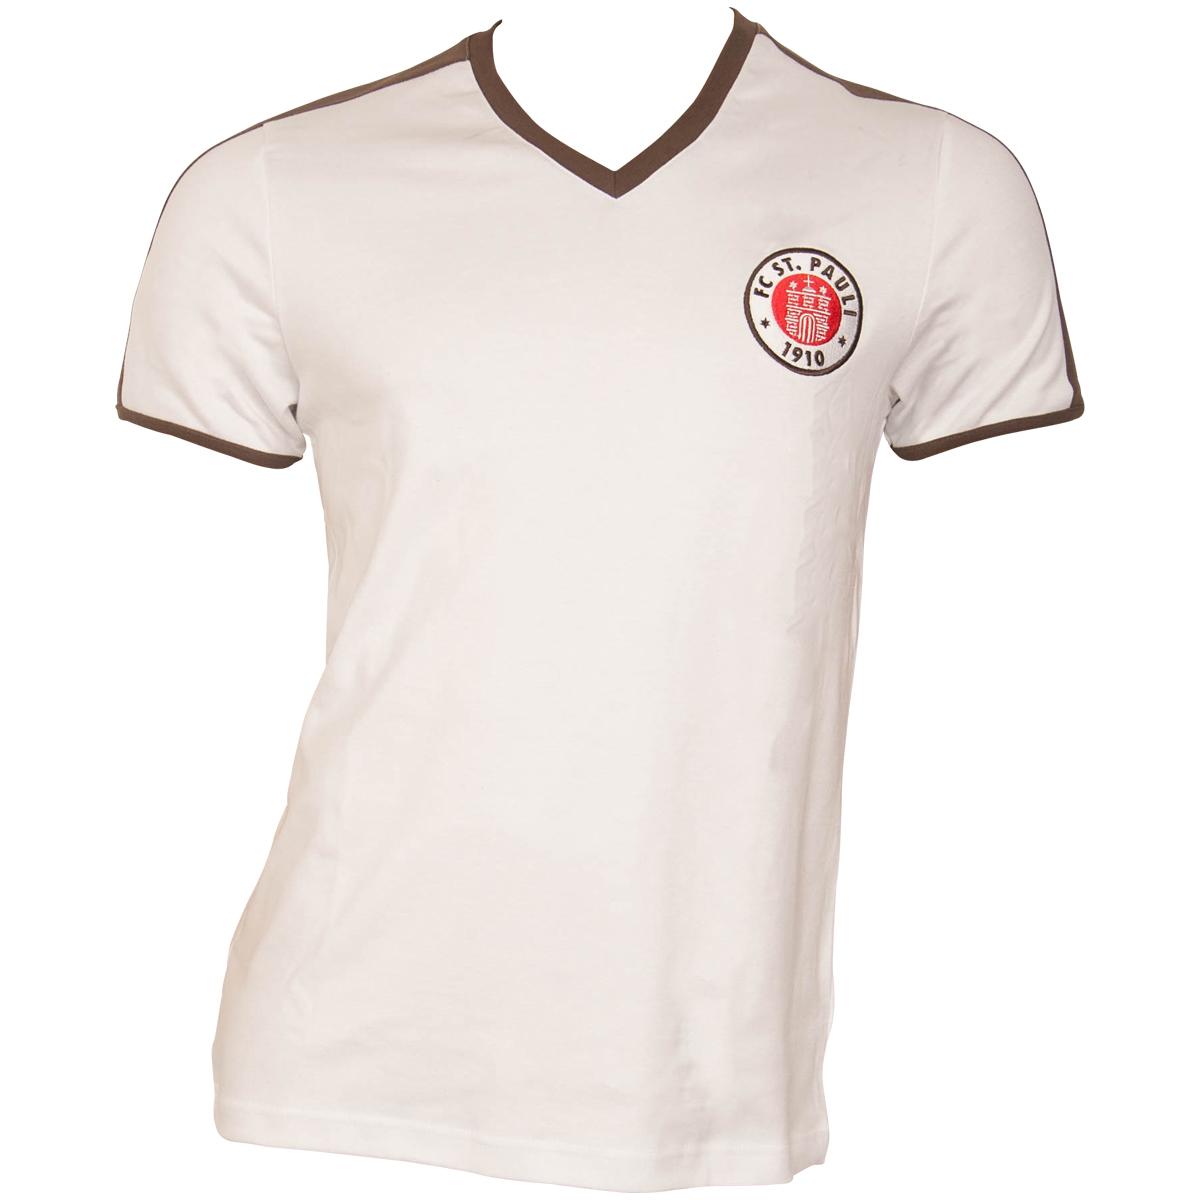 FC St. Pauli - Retrotrikot 1985 - weiß